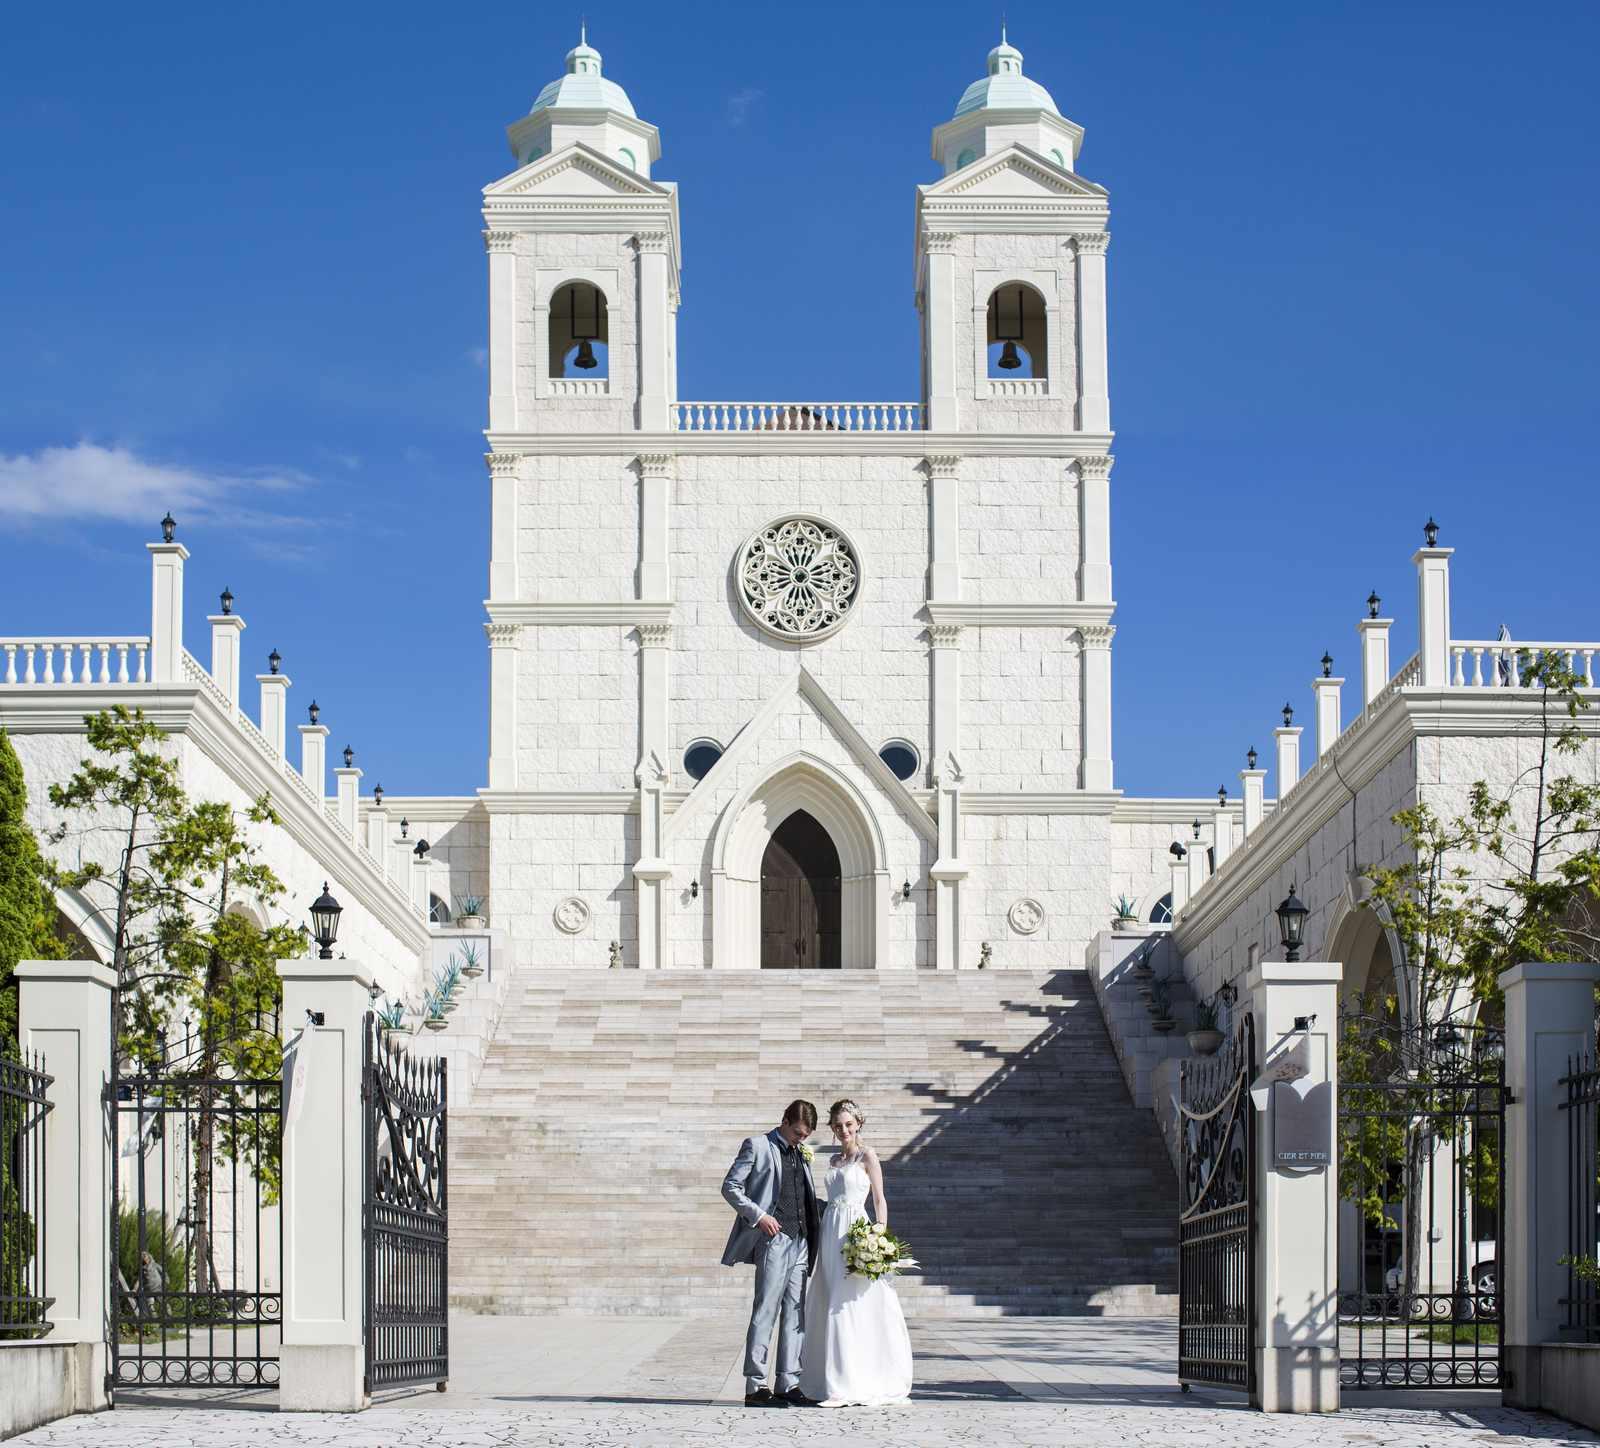 大聖堂と大階段をバックに立つ新郎新婦